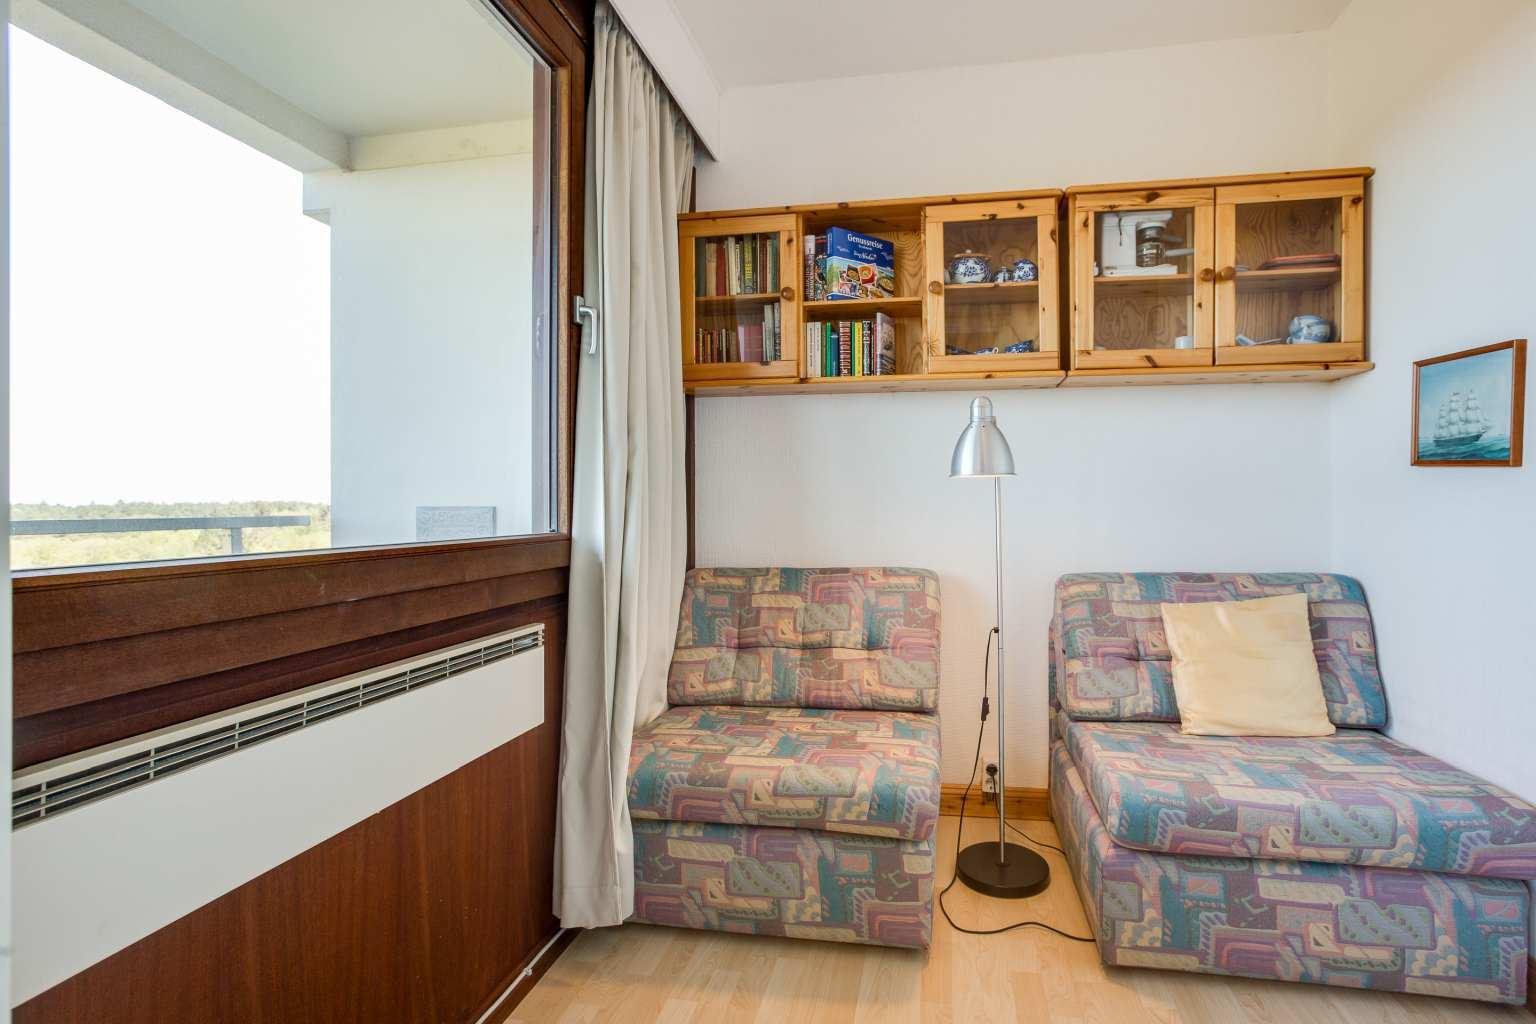 Kinderschlafzimmer, Ferienwohnung Nr. 80, St Peter Ording Bad, Haus Atlantic,  Alter Badweg 11-15